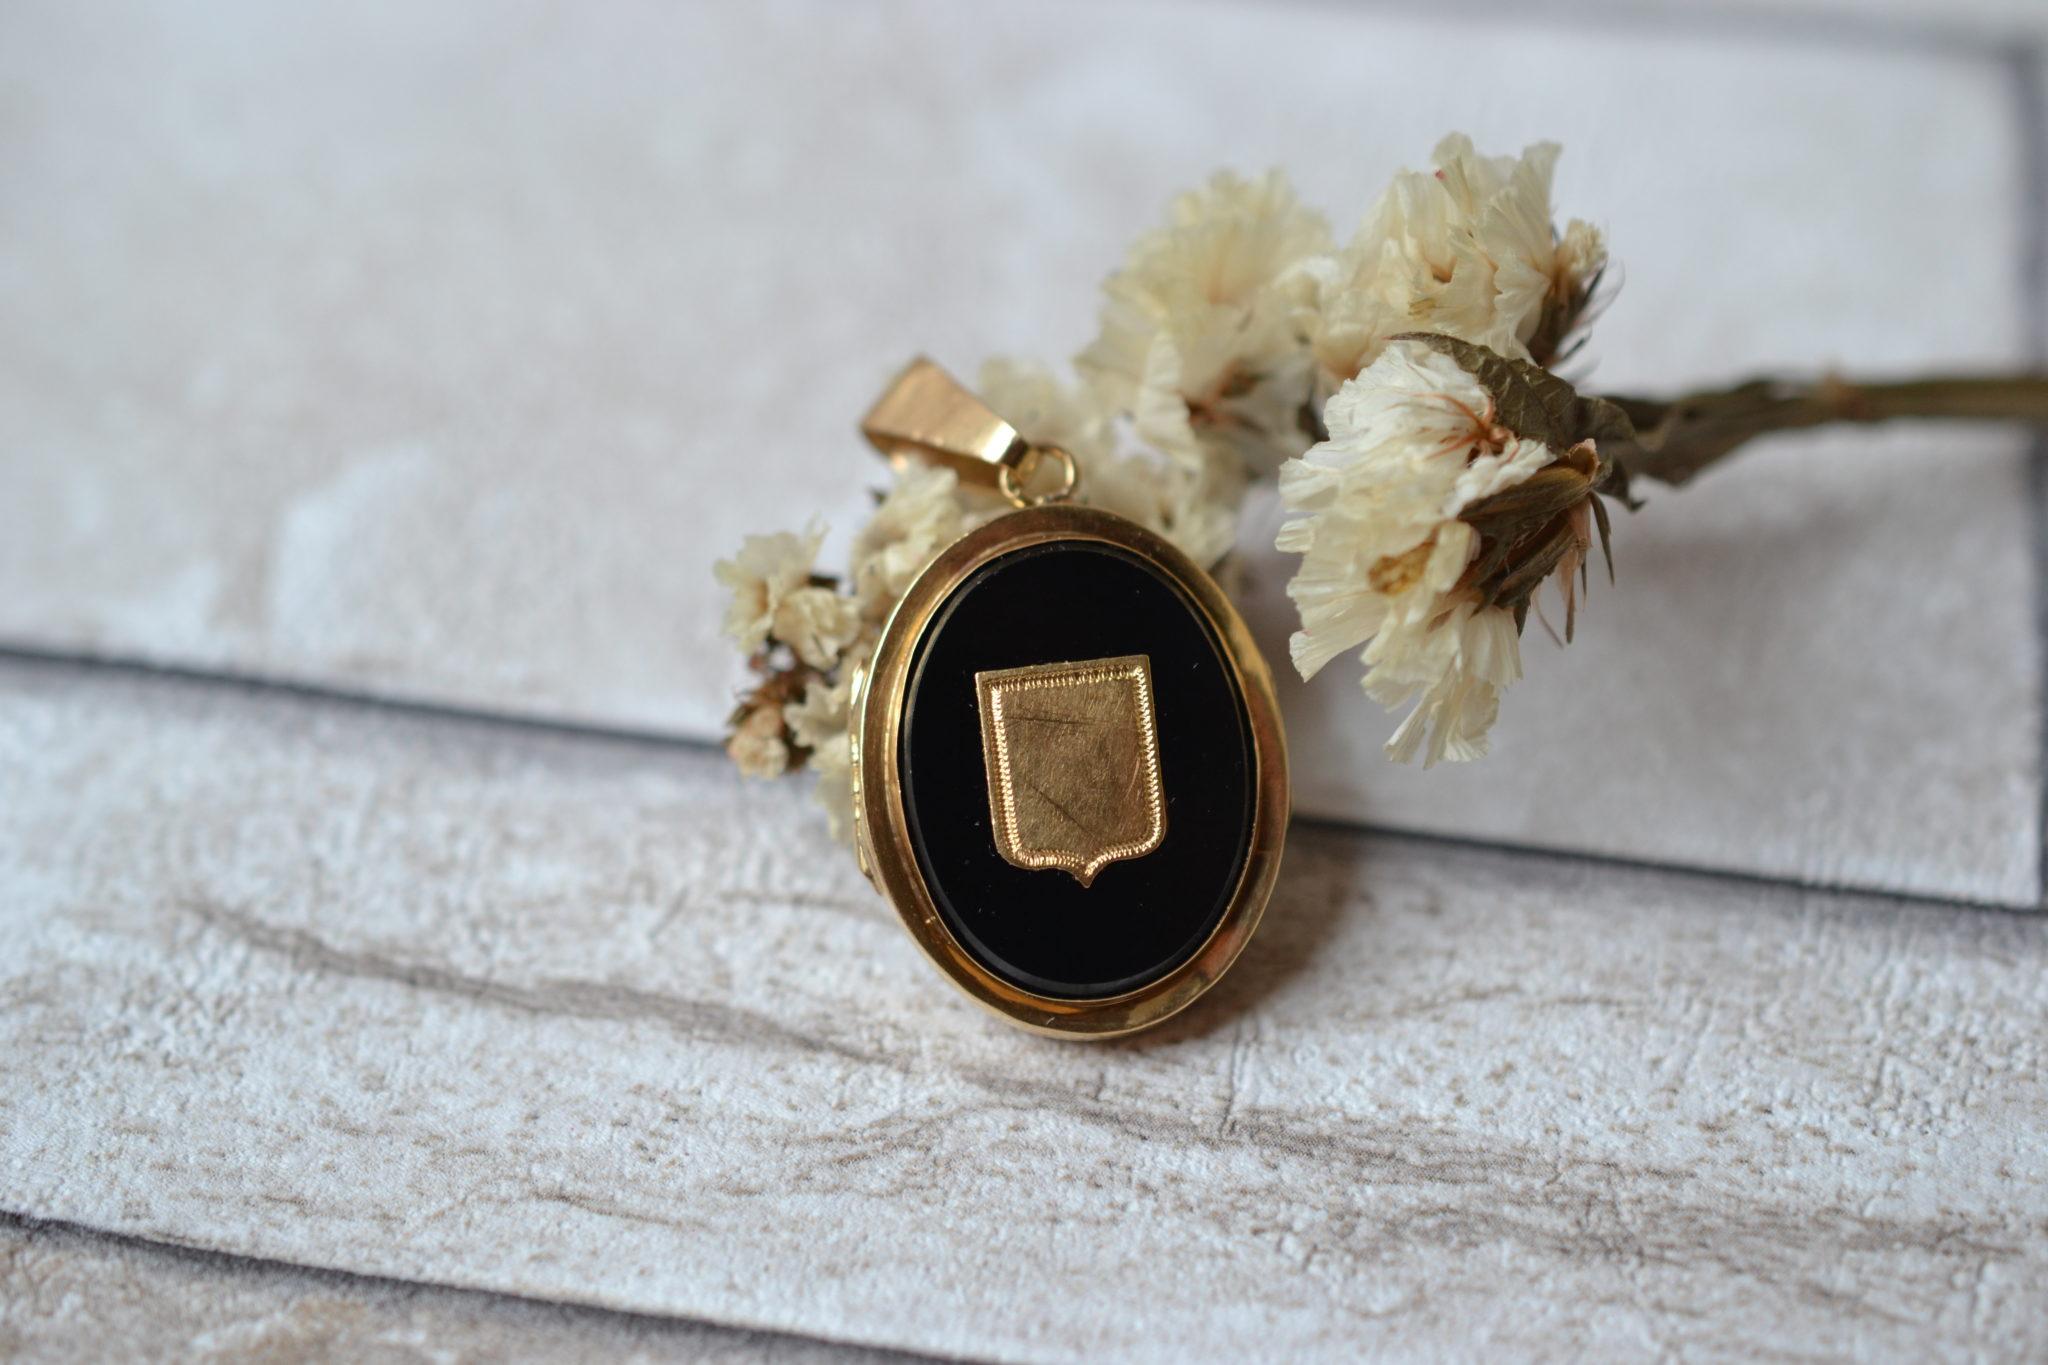 Pendentif porte-souvenir monture en Or jaune, serti de deux plaques d_Onyx et d_un écusson - bijou Vintage